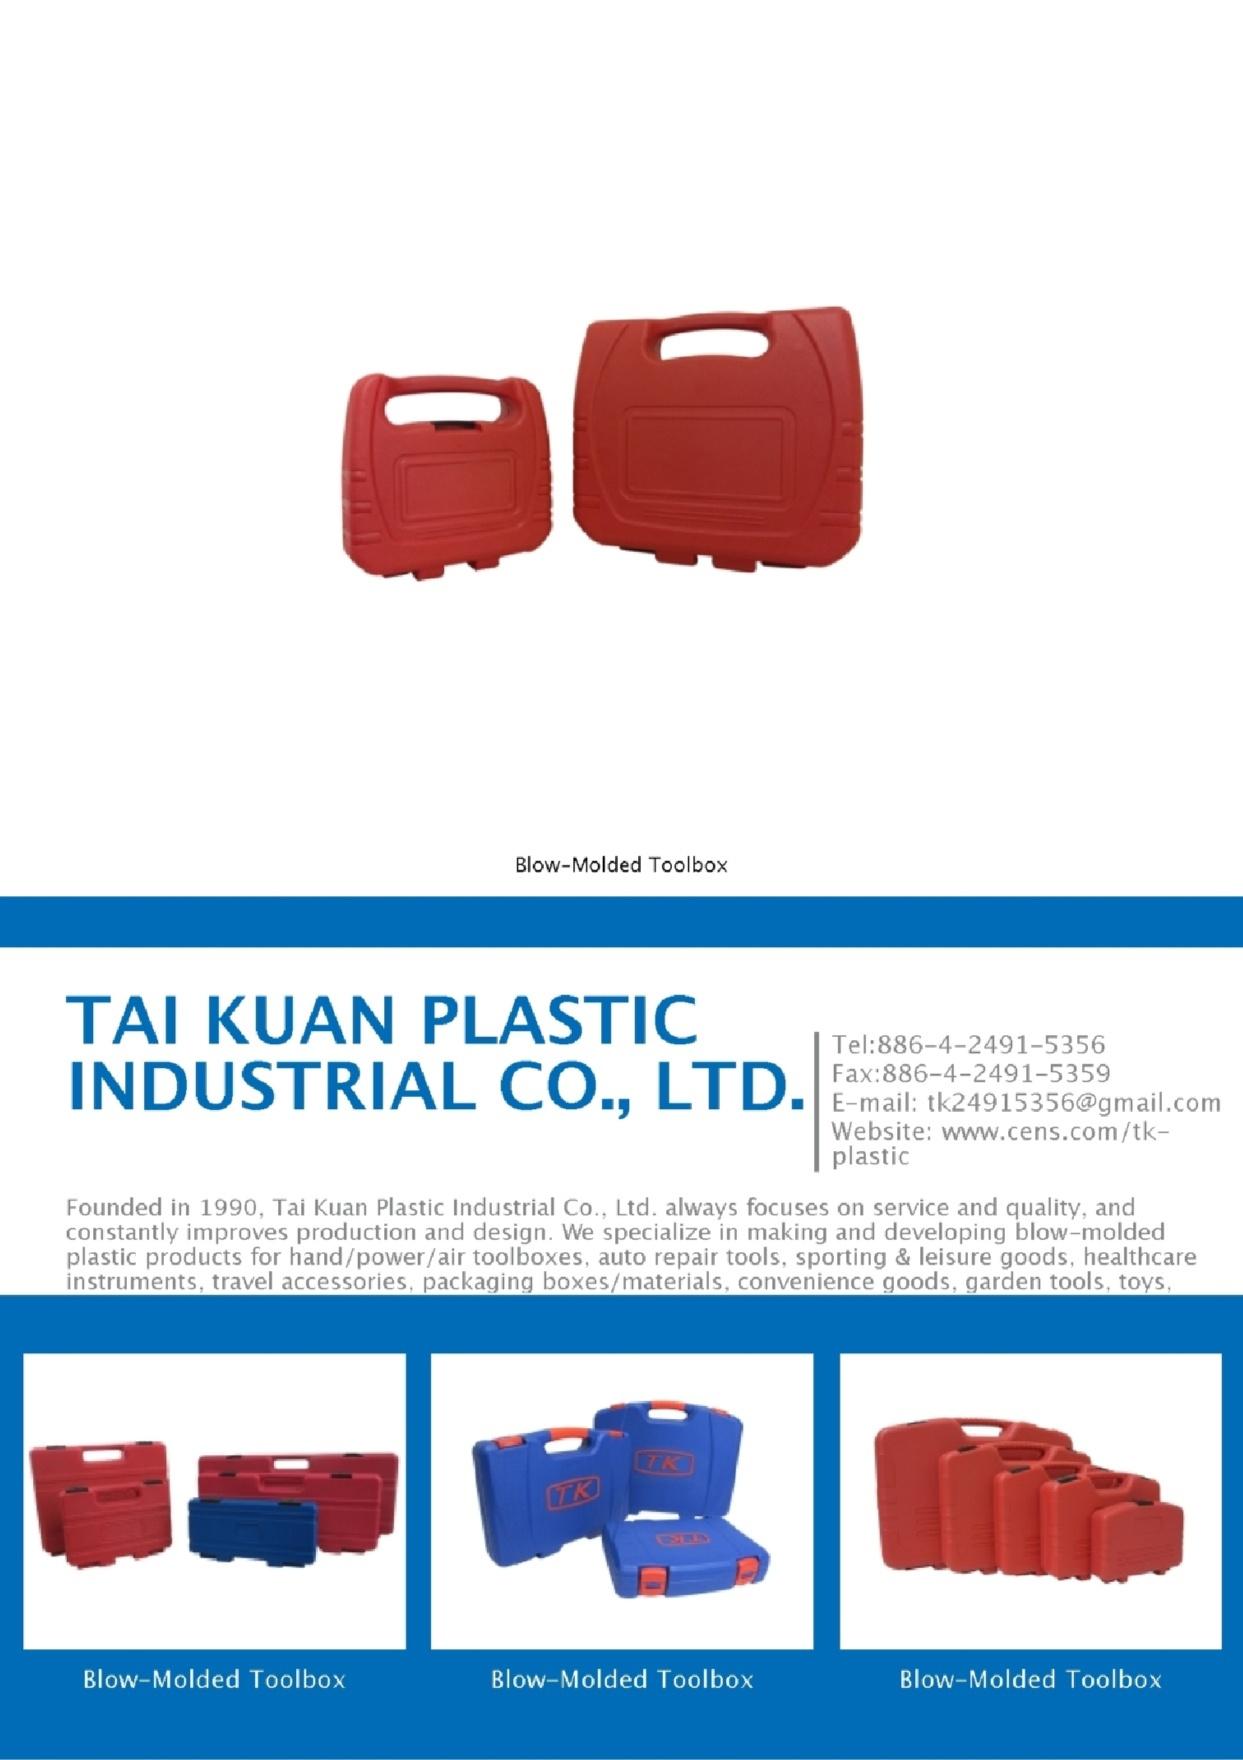 泰冠塑膠股份有限公司